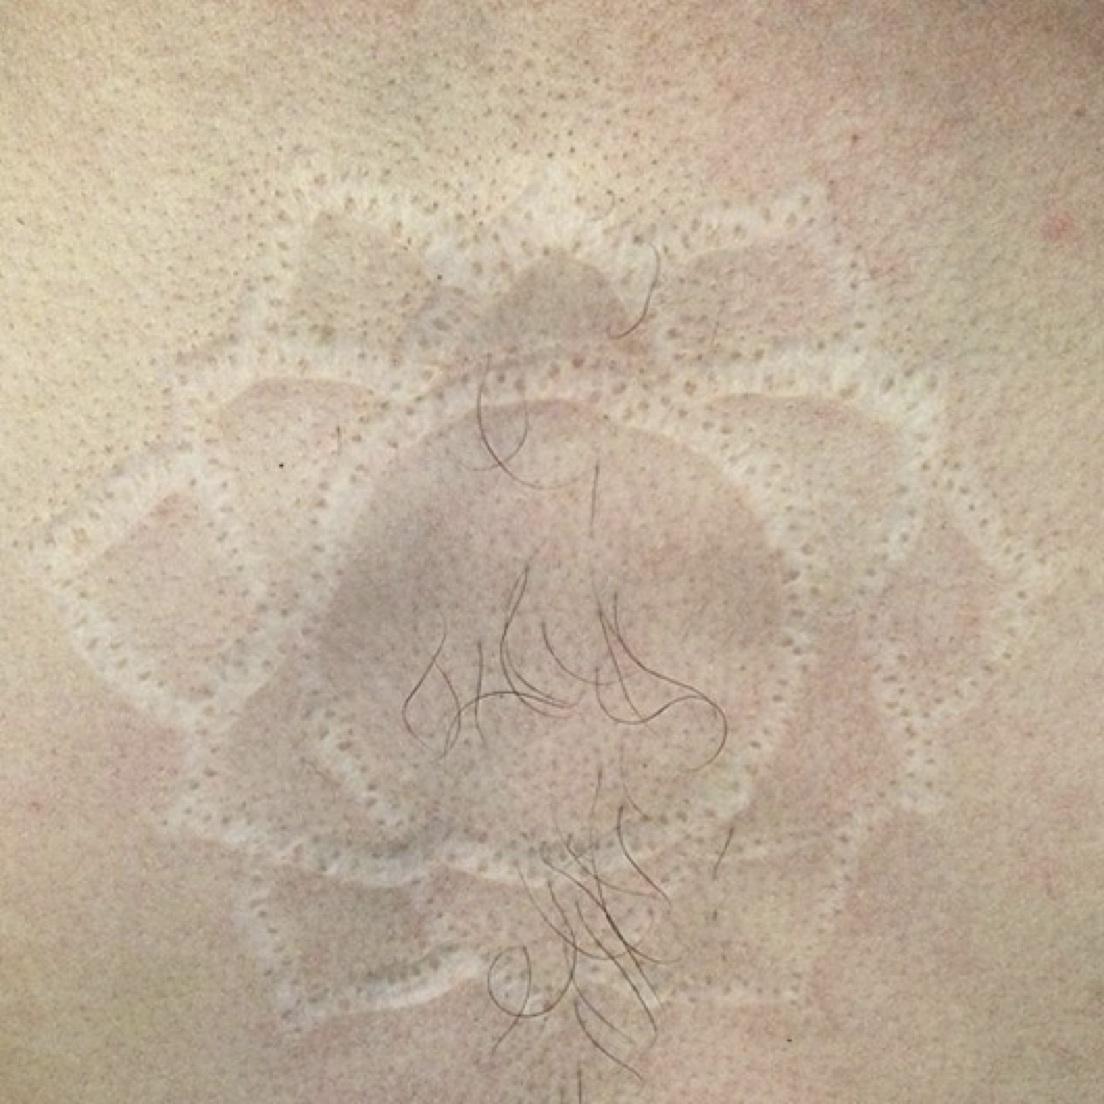 2-branding-healed